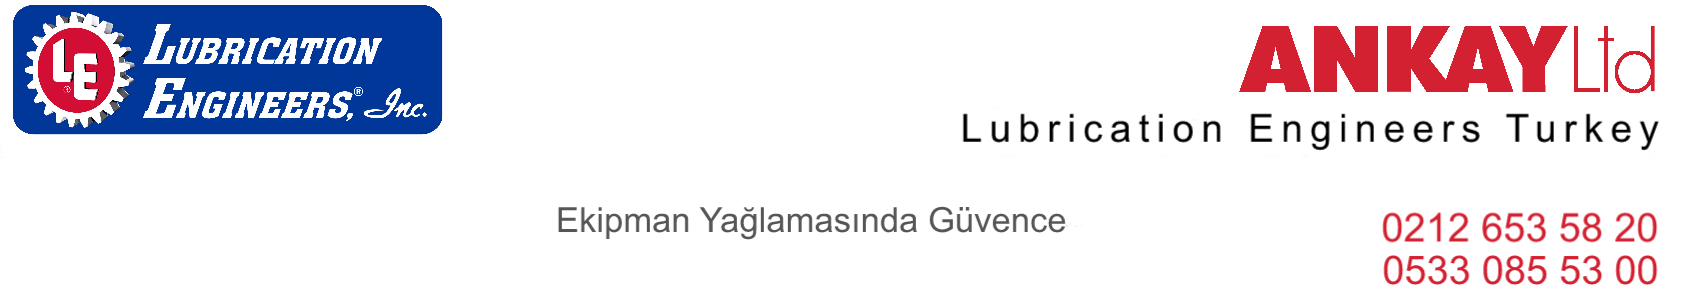 LE Turkey